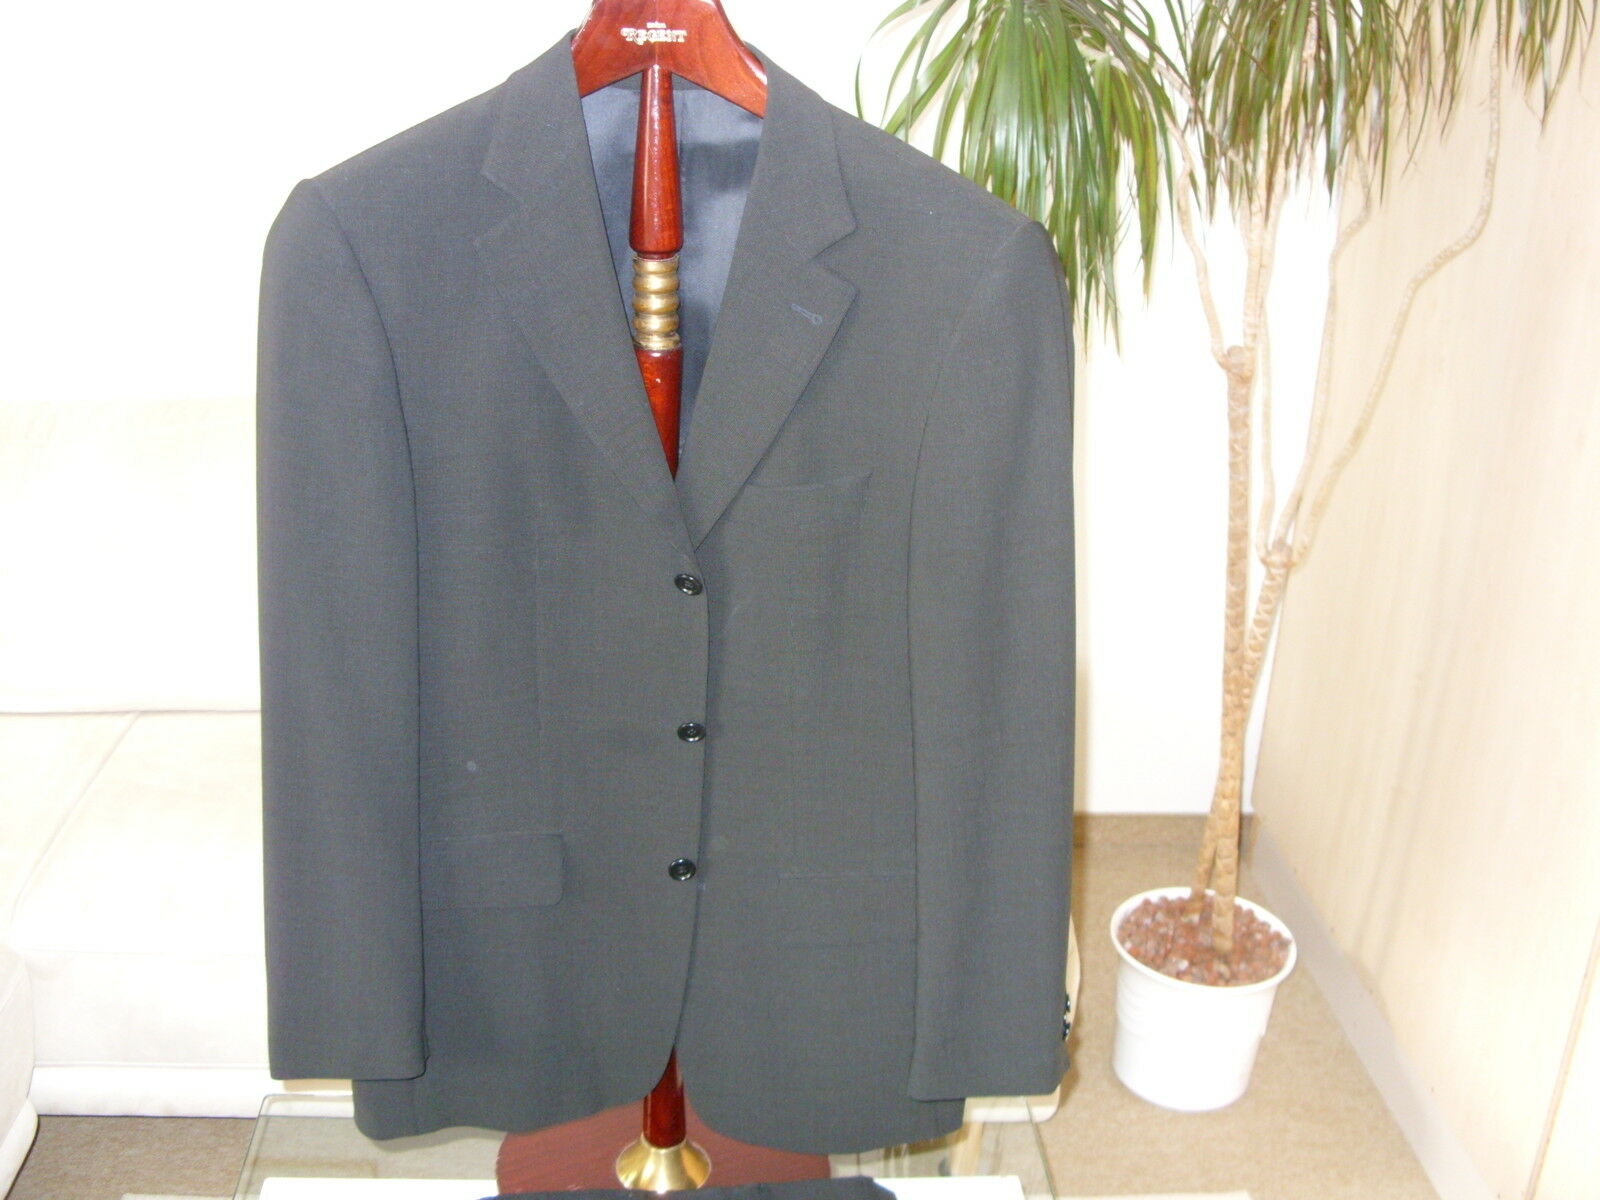 Anzug exklusiv Luigi Botto Gr. 48 schwarz, neuwertig  | Moderne Muster  | Ausgezeichneter Wert  | Deutschland Frankfurt